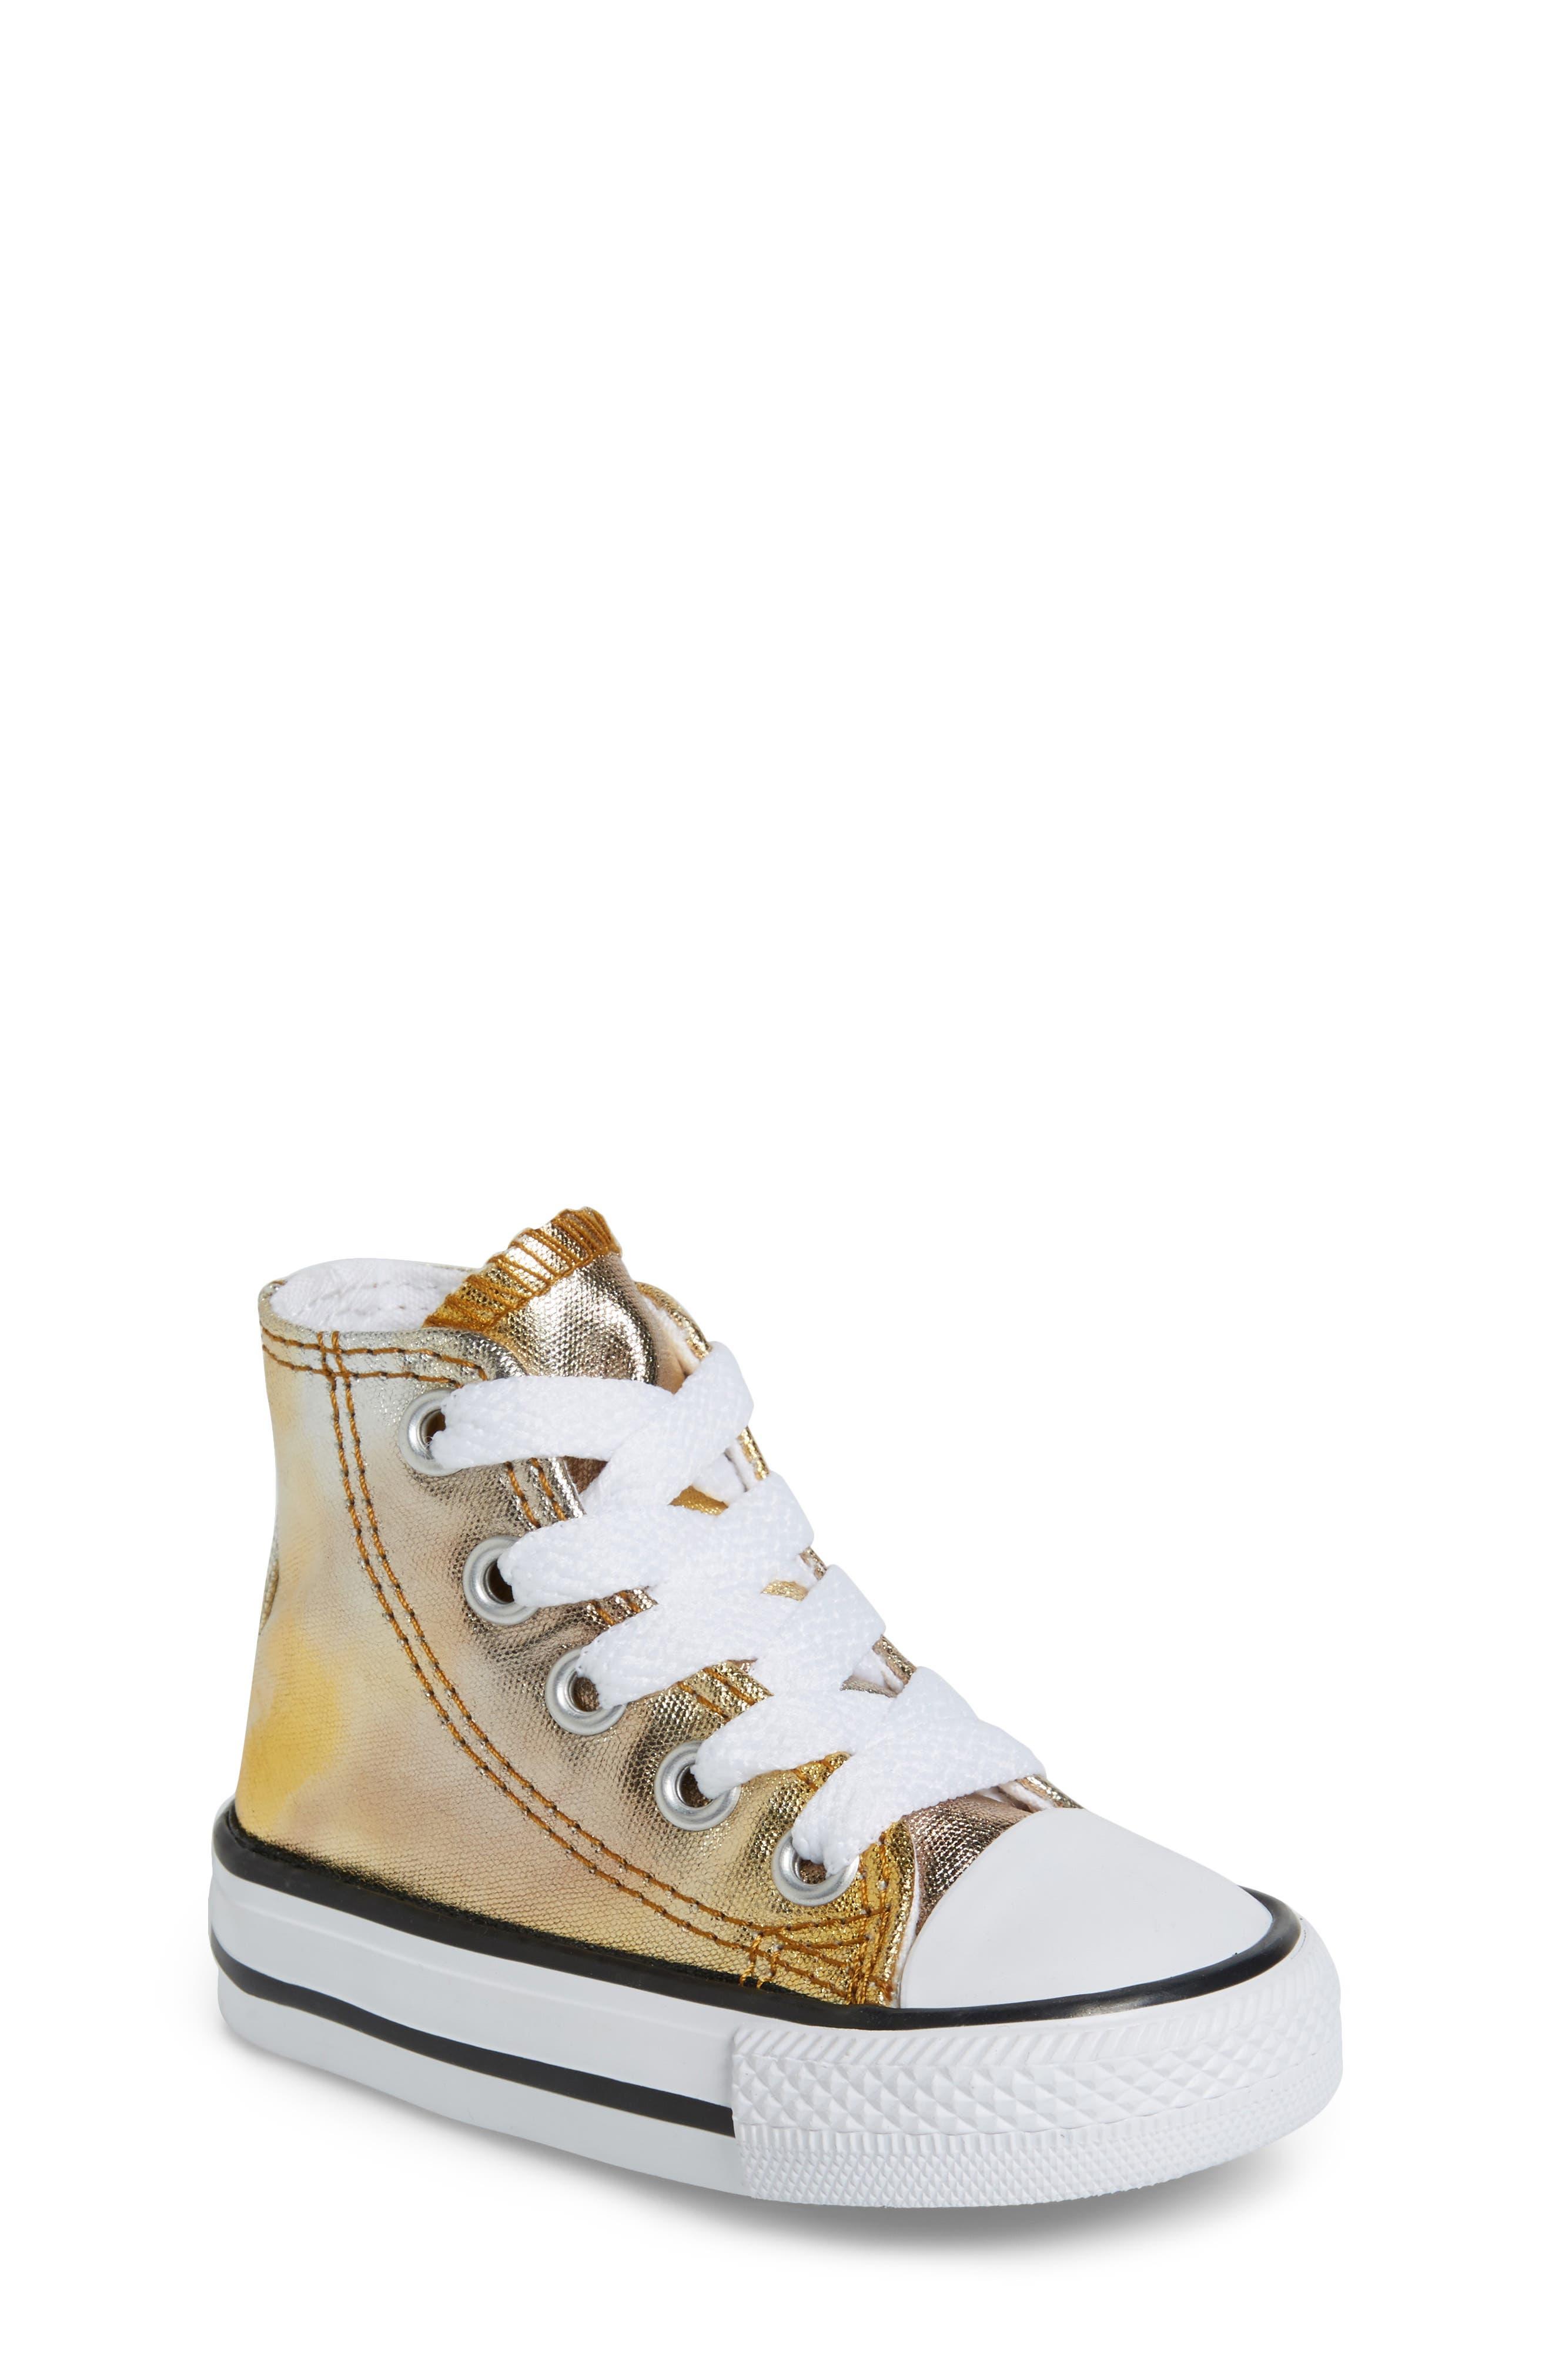 Converse Chuck Taylor® All Star® Metallic High Top Sneaker (Baby, Walker, Toddler & Little Kid)